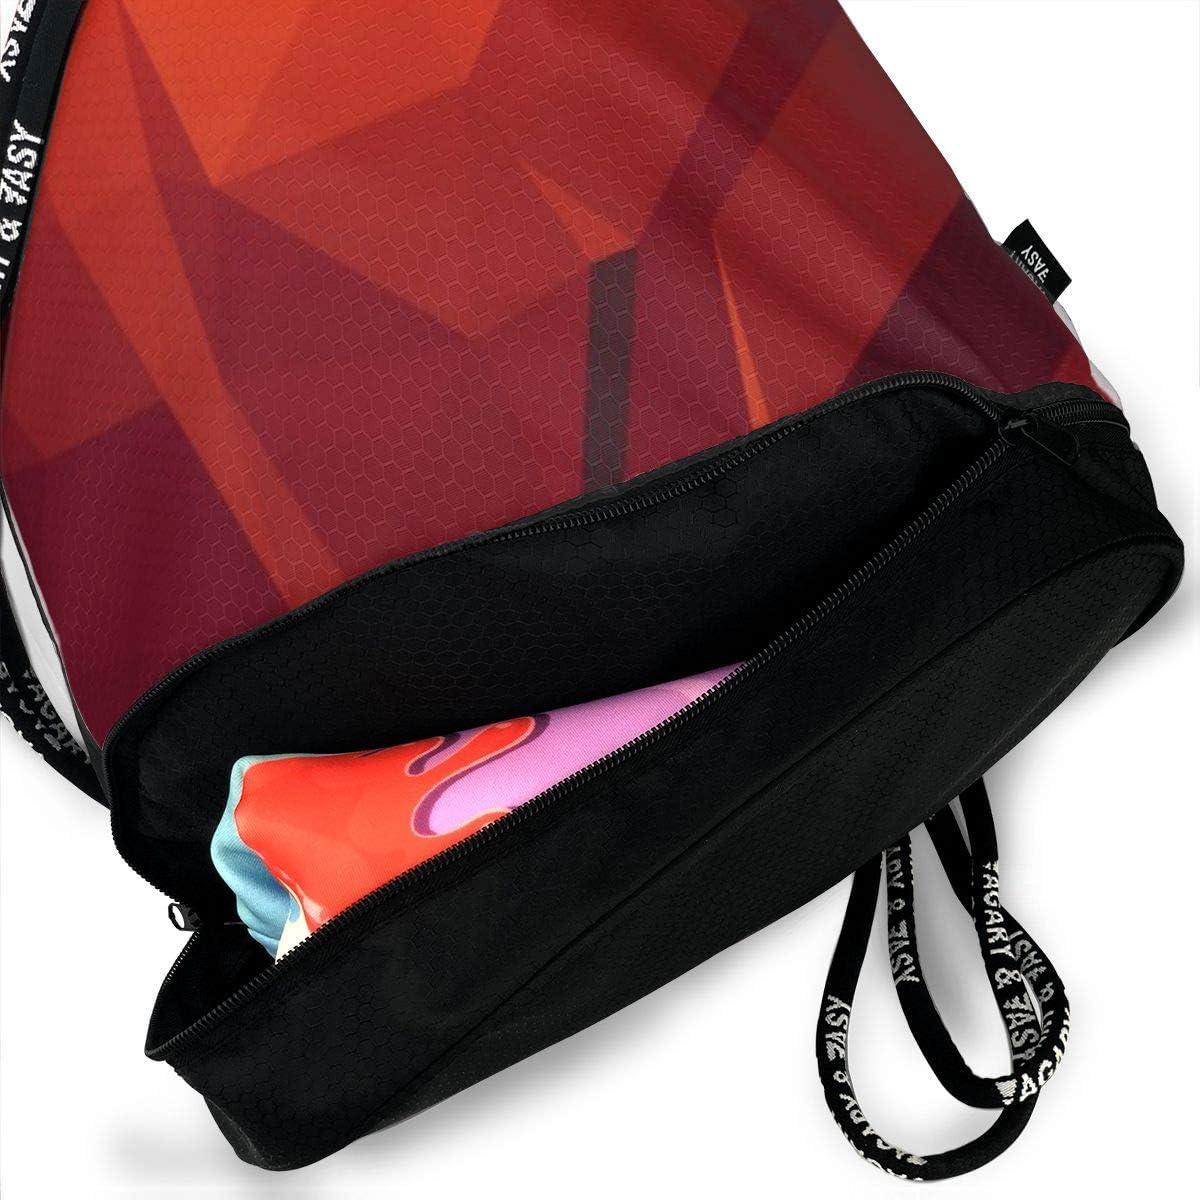 GymSack Drawstring Bag Sackpack Red Pattern Sport Cinch Pack Simple Bundle Pocke Backpack For Men Women